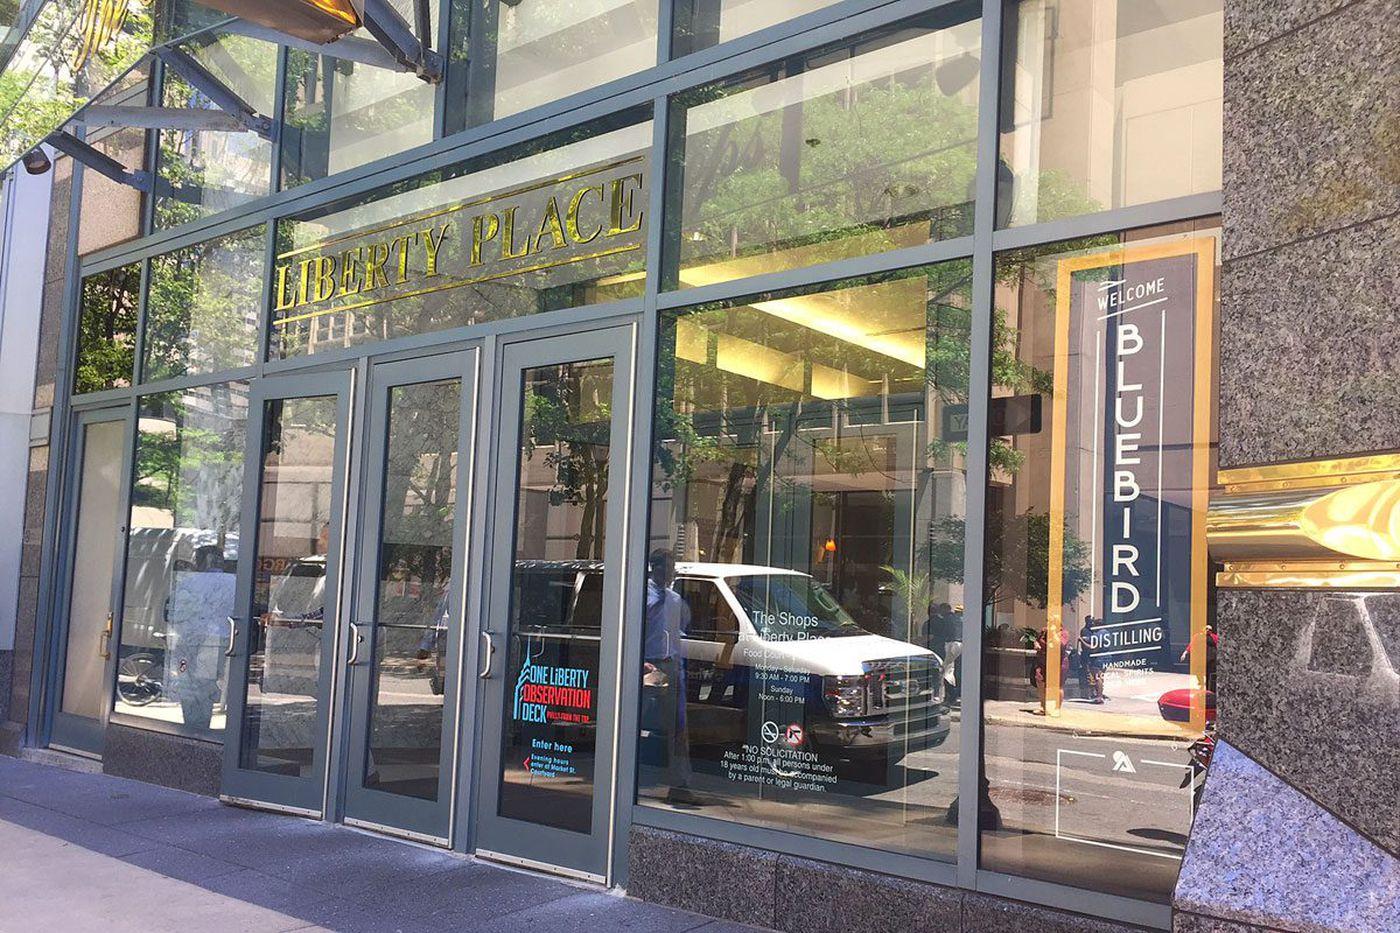 Bluebird Distilling to open tasting room in Center City